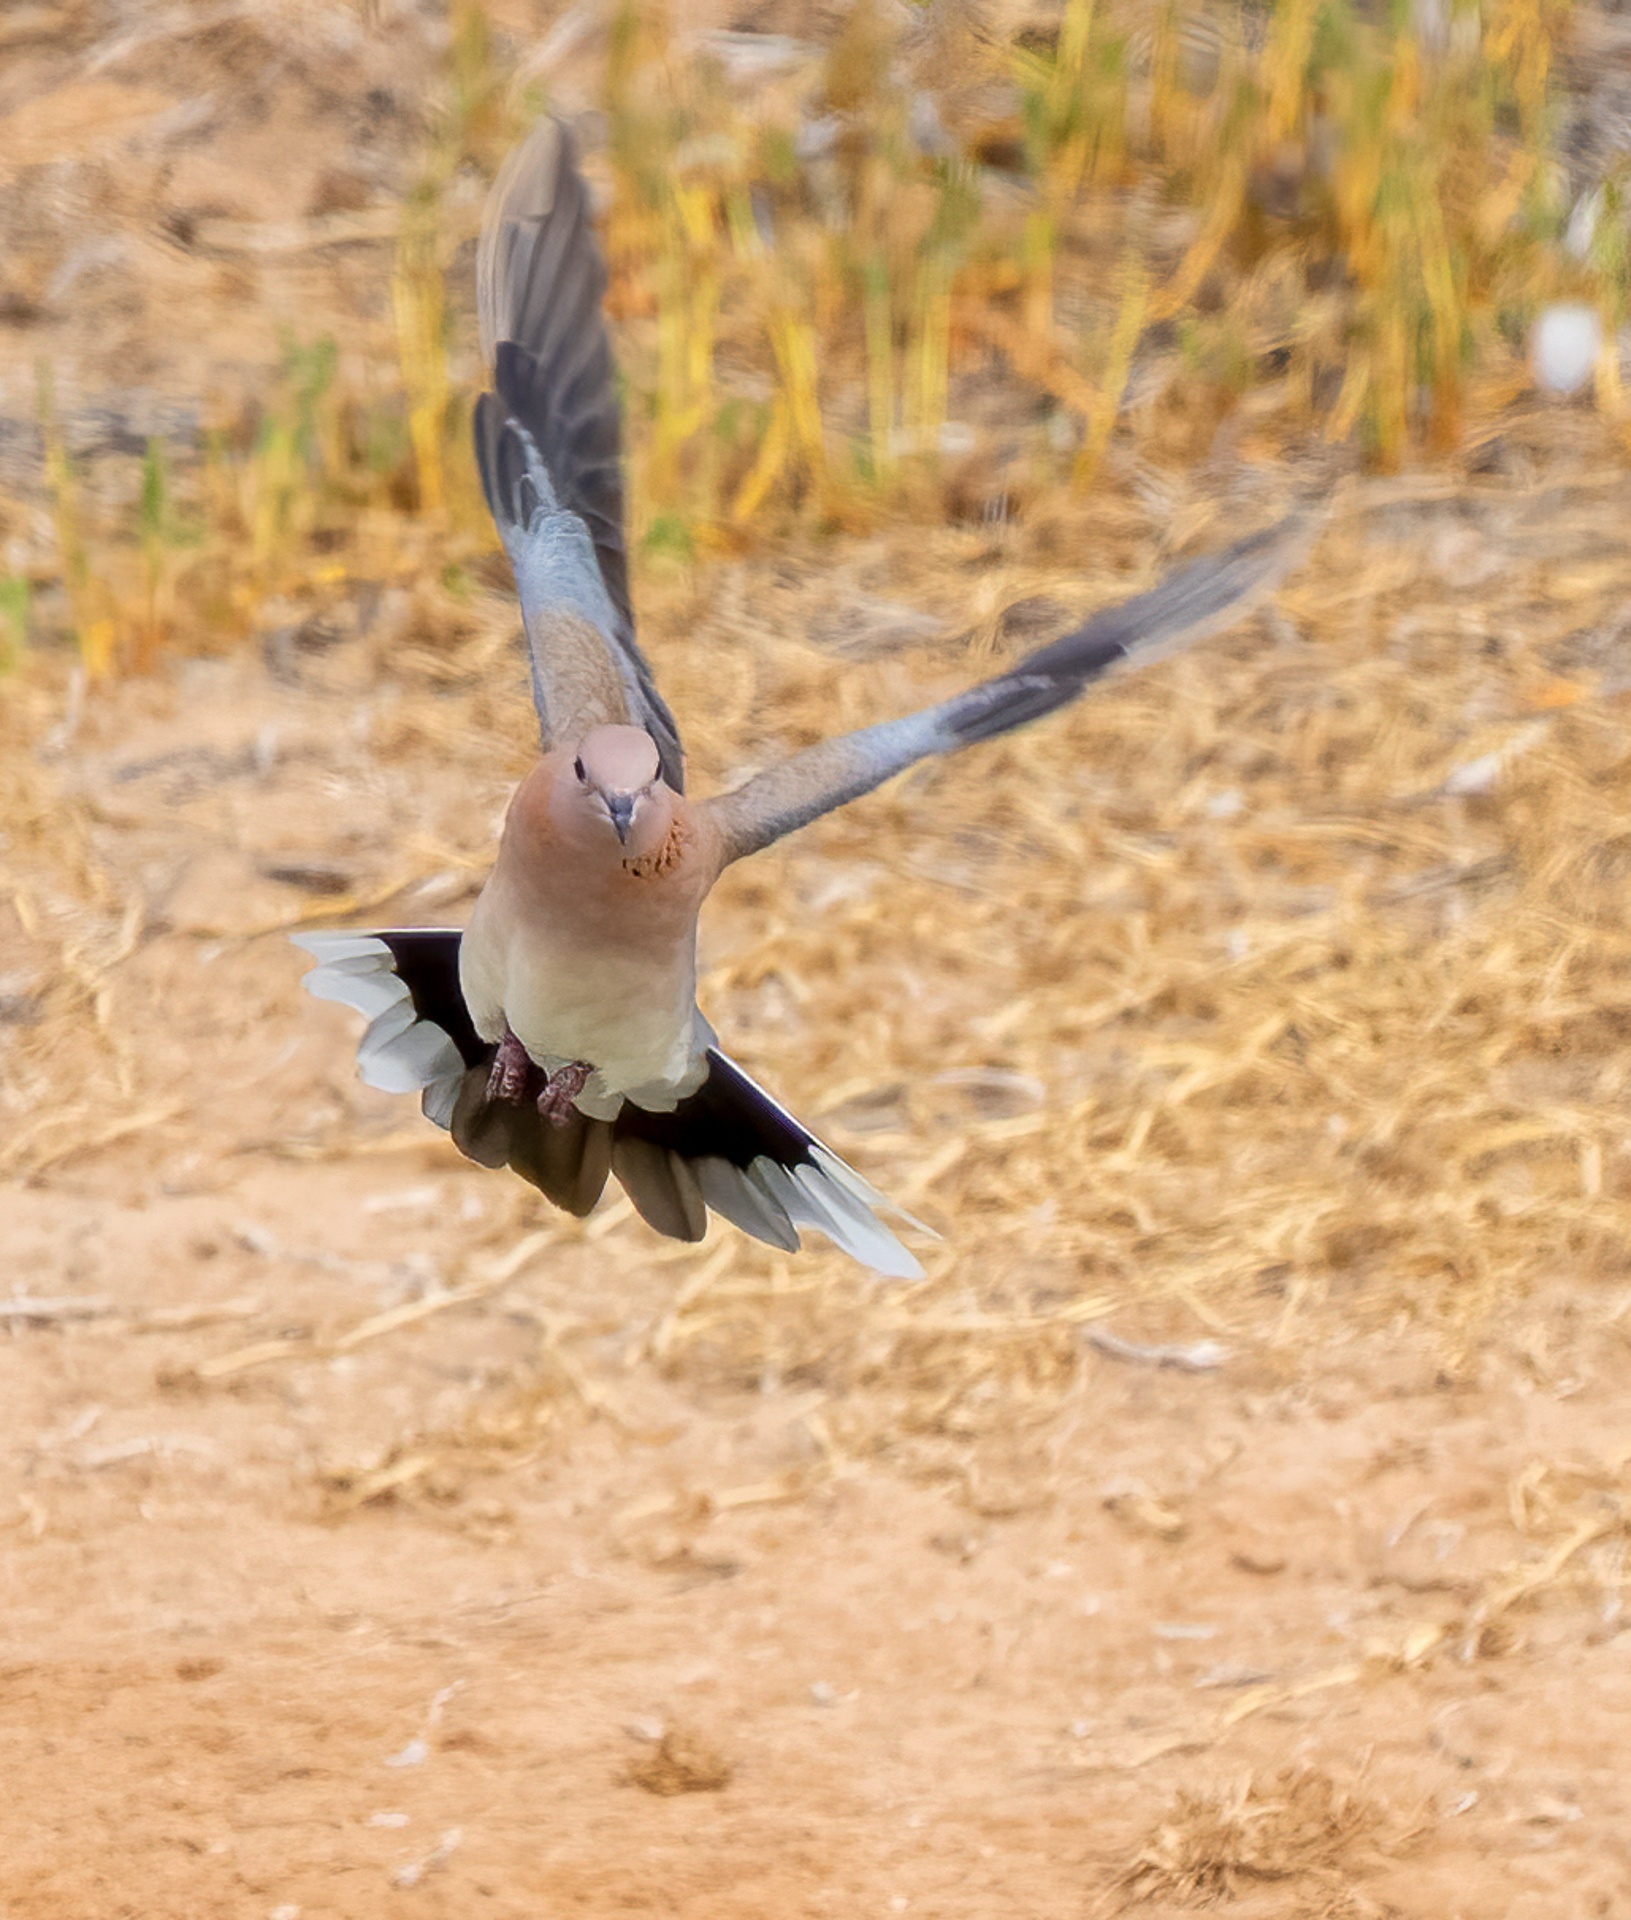 Dove landing from flight